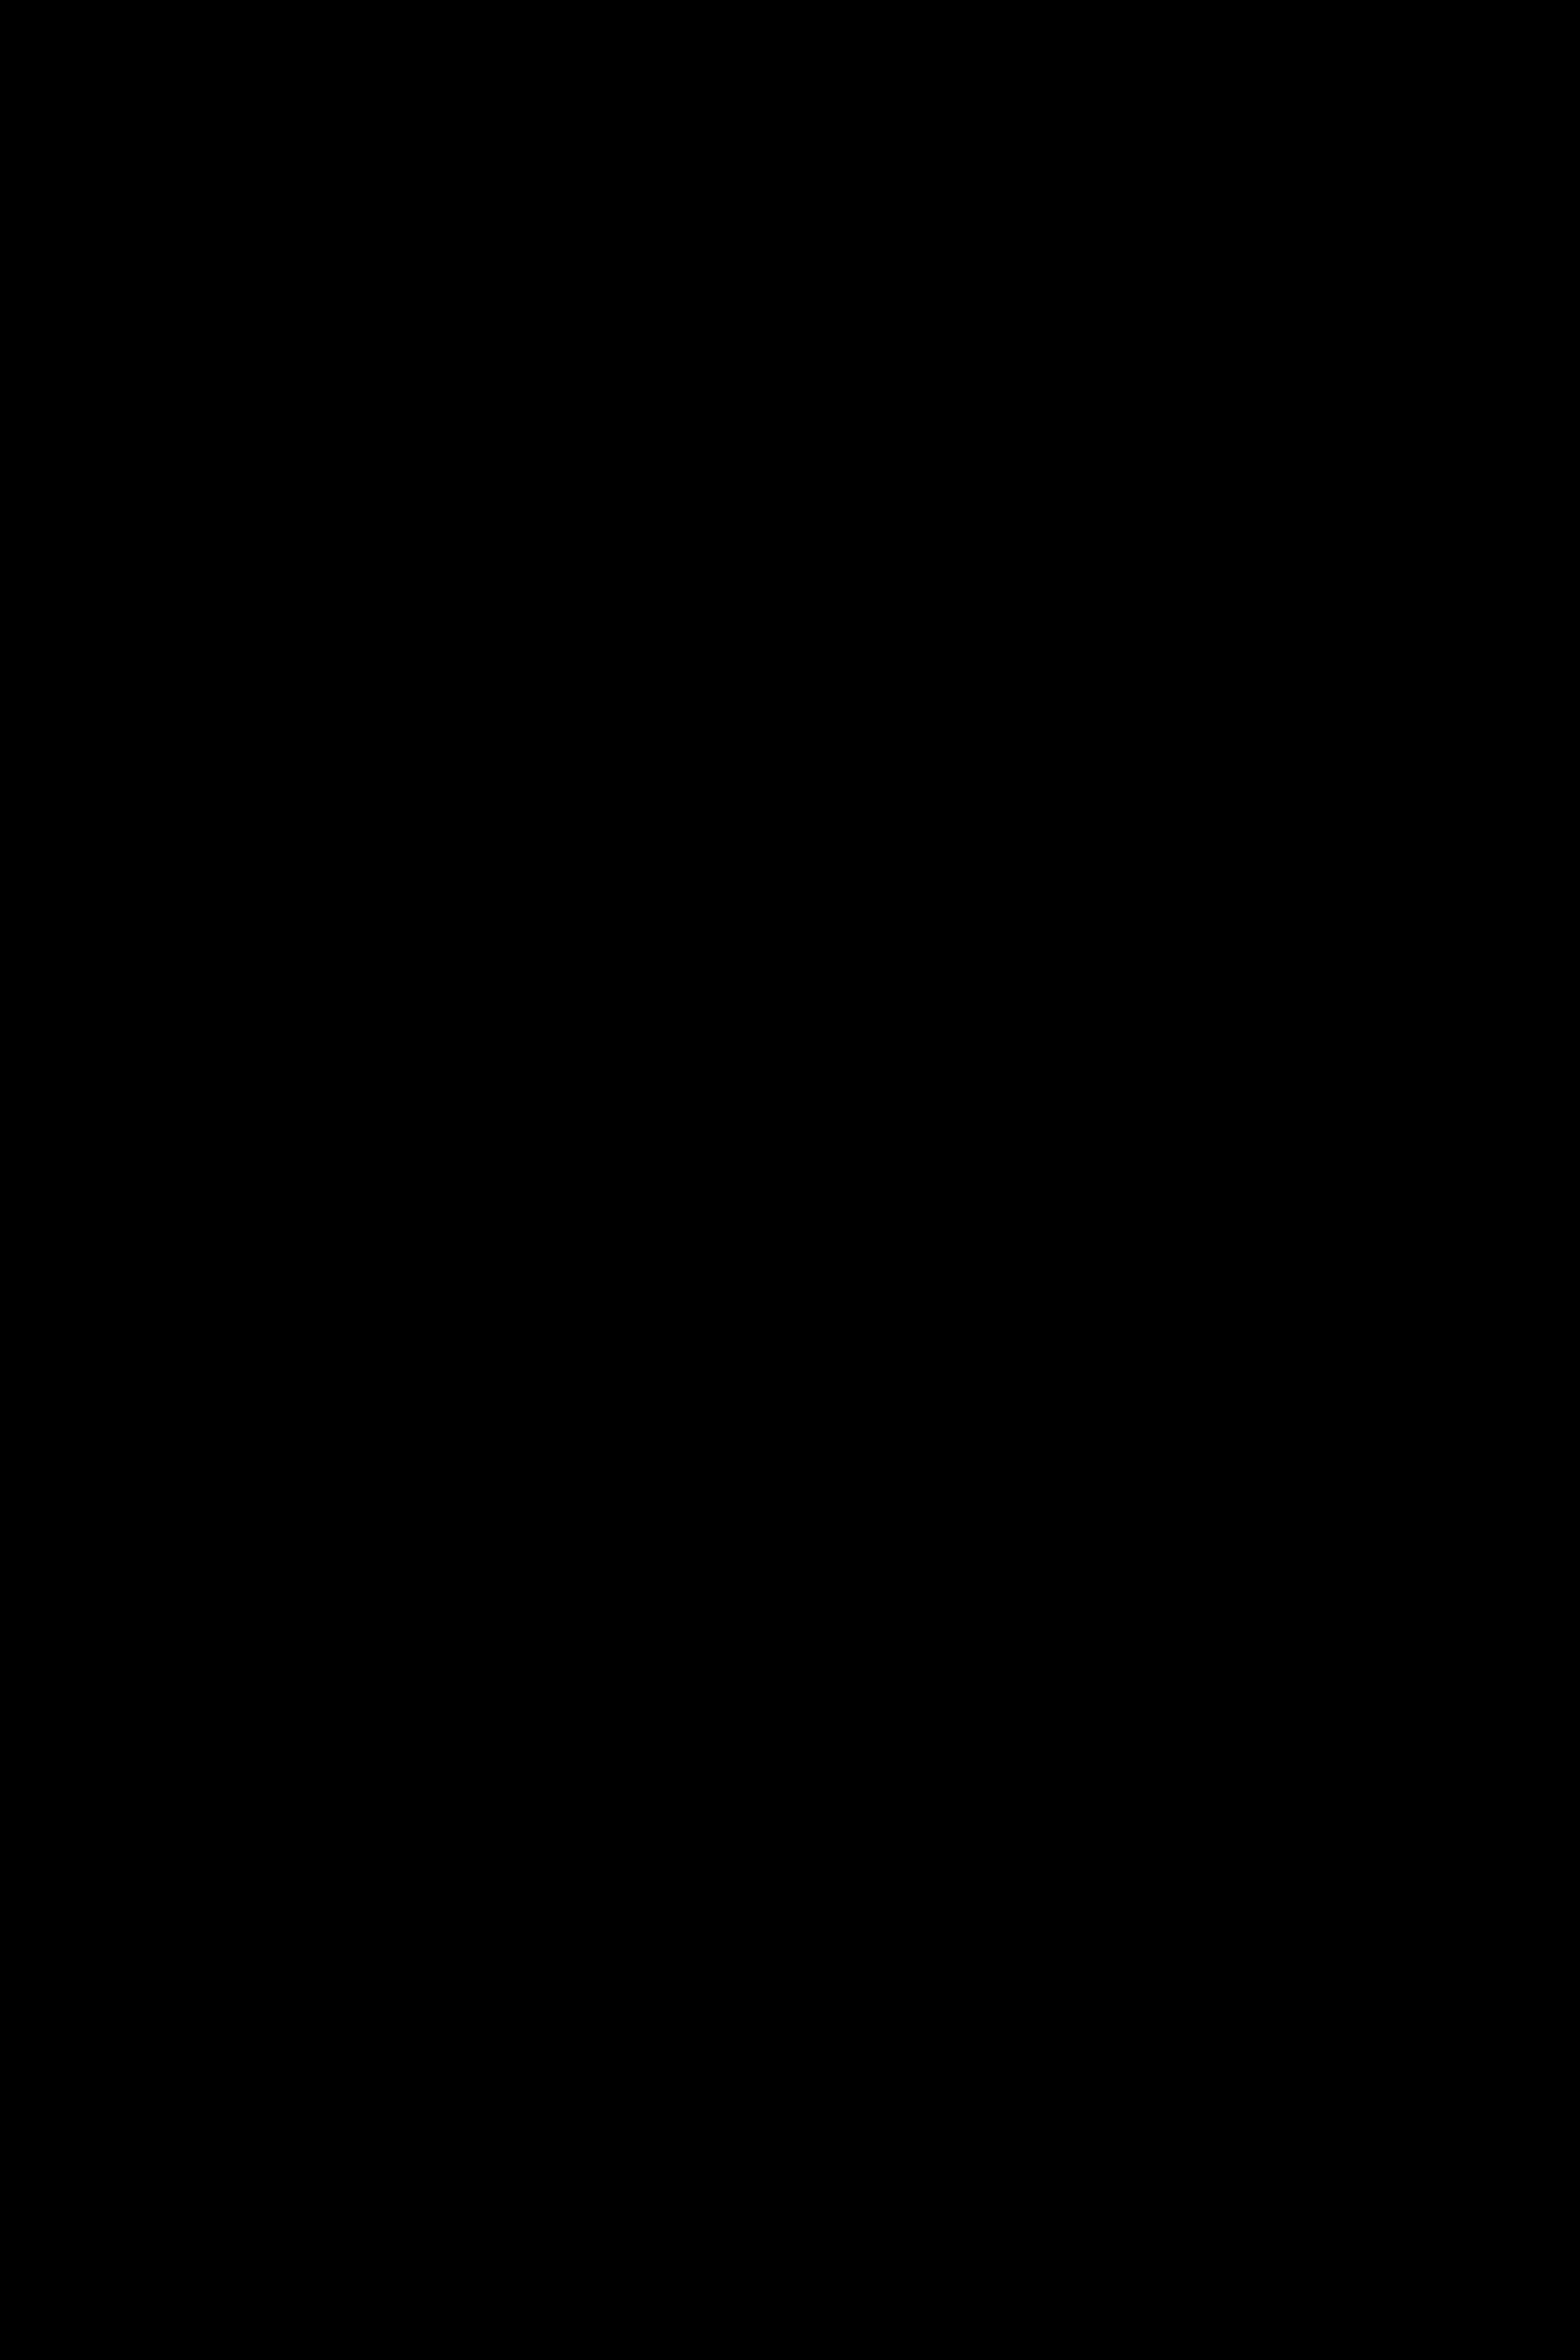 Jornada Preparatoria de las XXVII Jornadas Nacionales de Derecho Civil